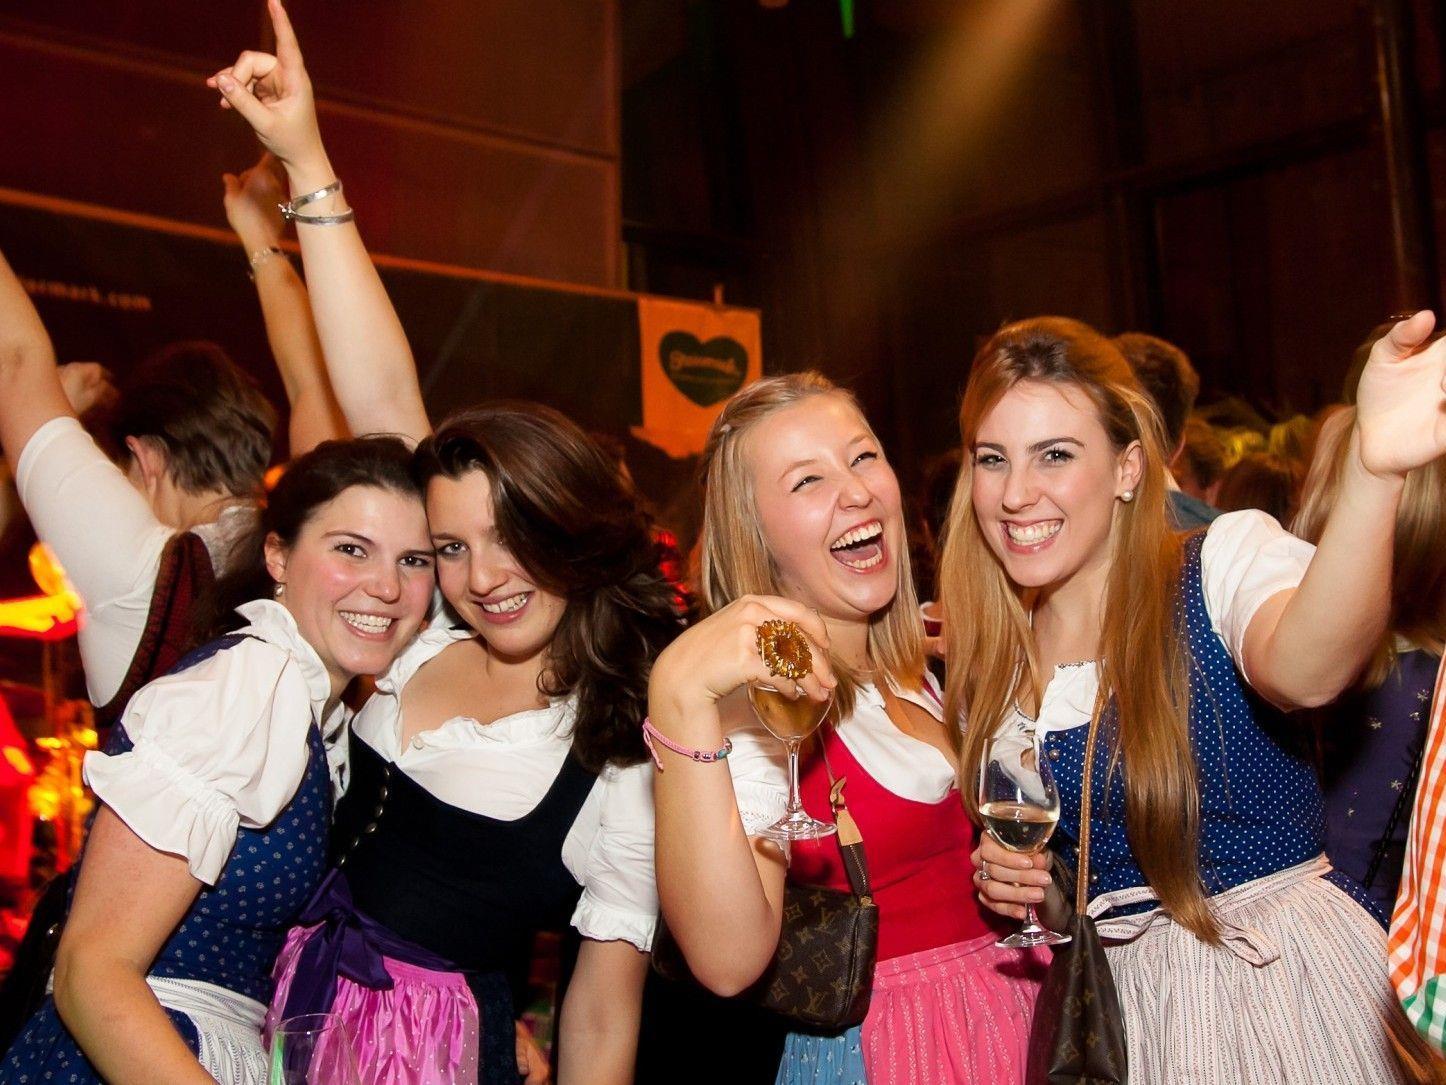 Wir verlosen 1x2 Tickets für den Steirerball am 11.1.2013 in der Wiener Hofburg.